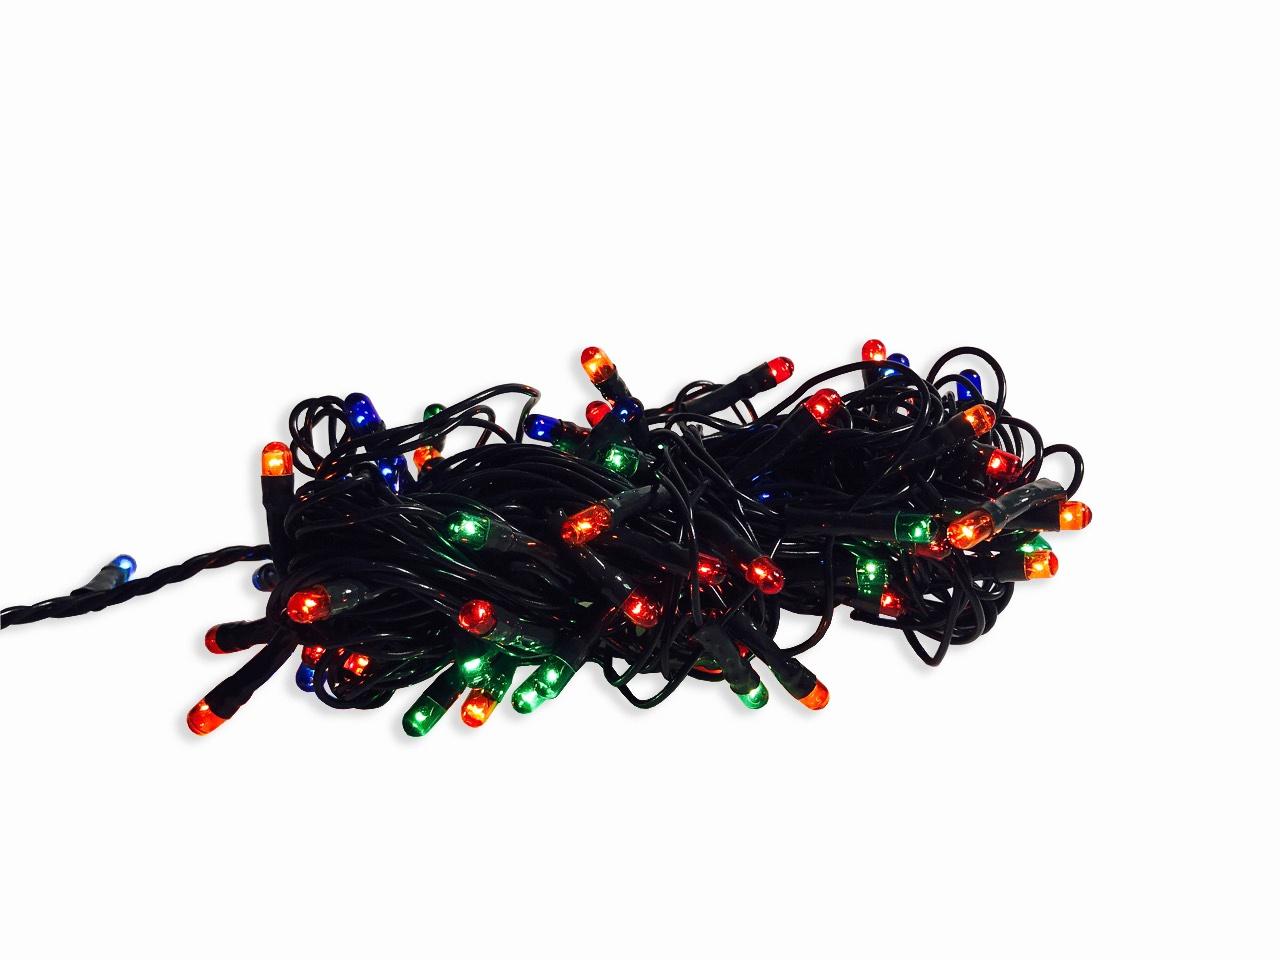 Электрическая гирлянда APEYRON electrics 15-23, 3,5м, 50 микро-ламп, 8 режимов, зеленый шнур, мульти цвет. электрическая гирлянда светодиодная apeyron бумажная 10ламп теплый белый 1 5м